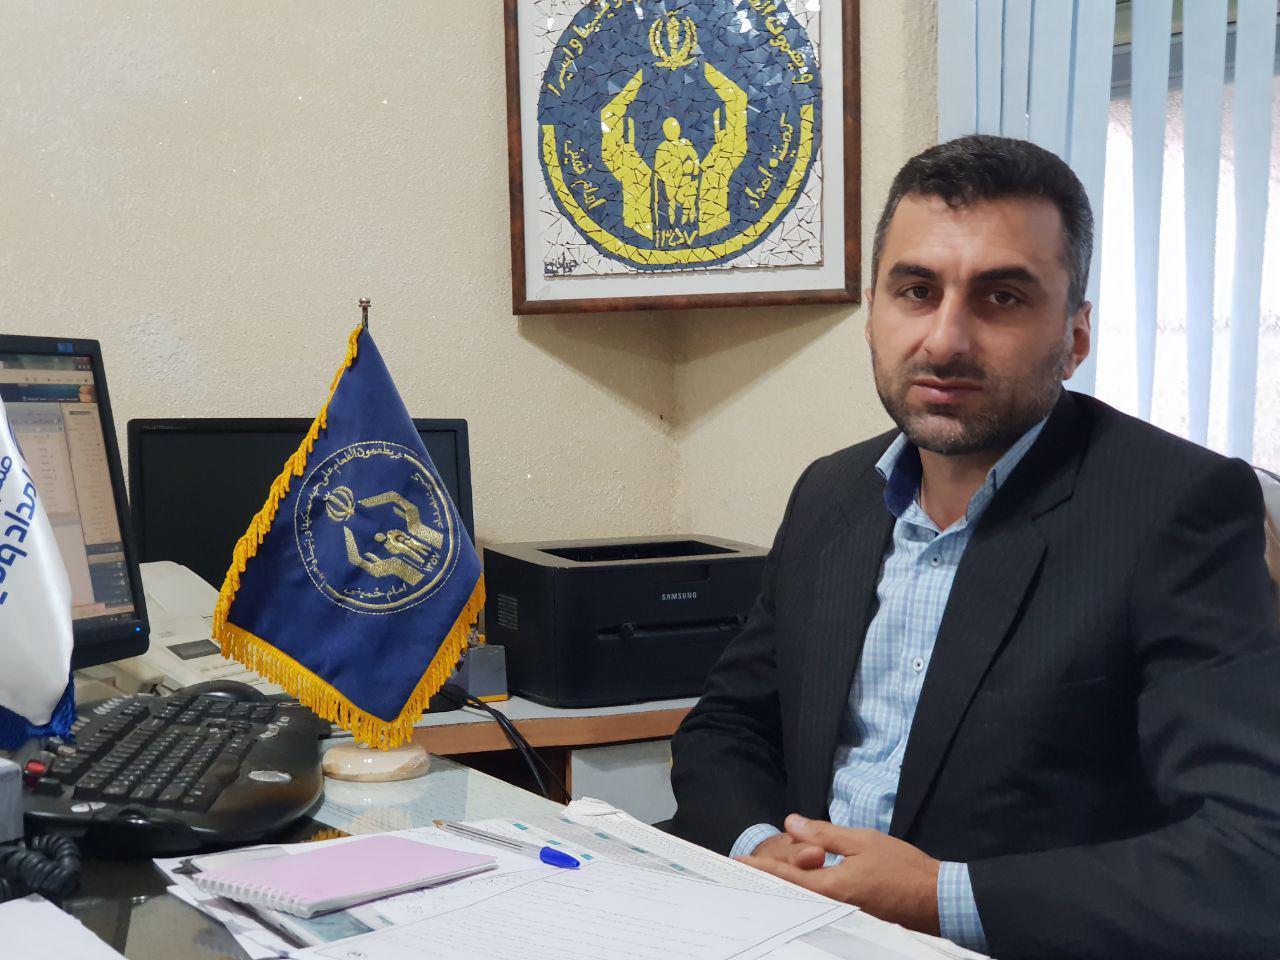 توزیع ۲۰۰ سبد کالا به مددجویان کمیته امداد شهرستان رودسر